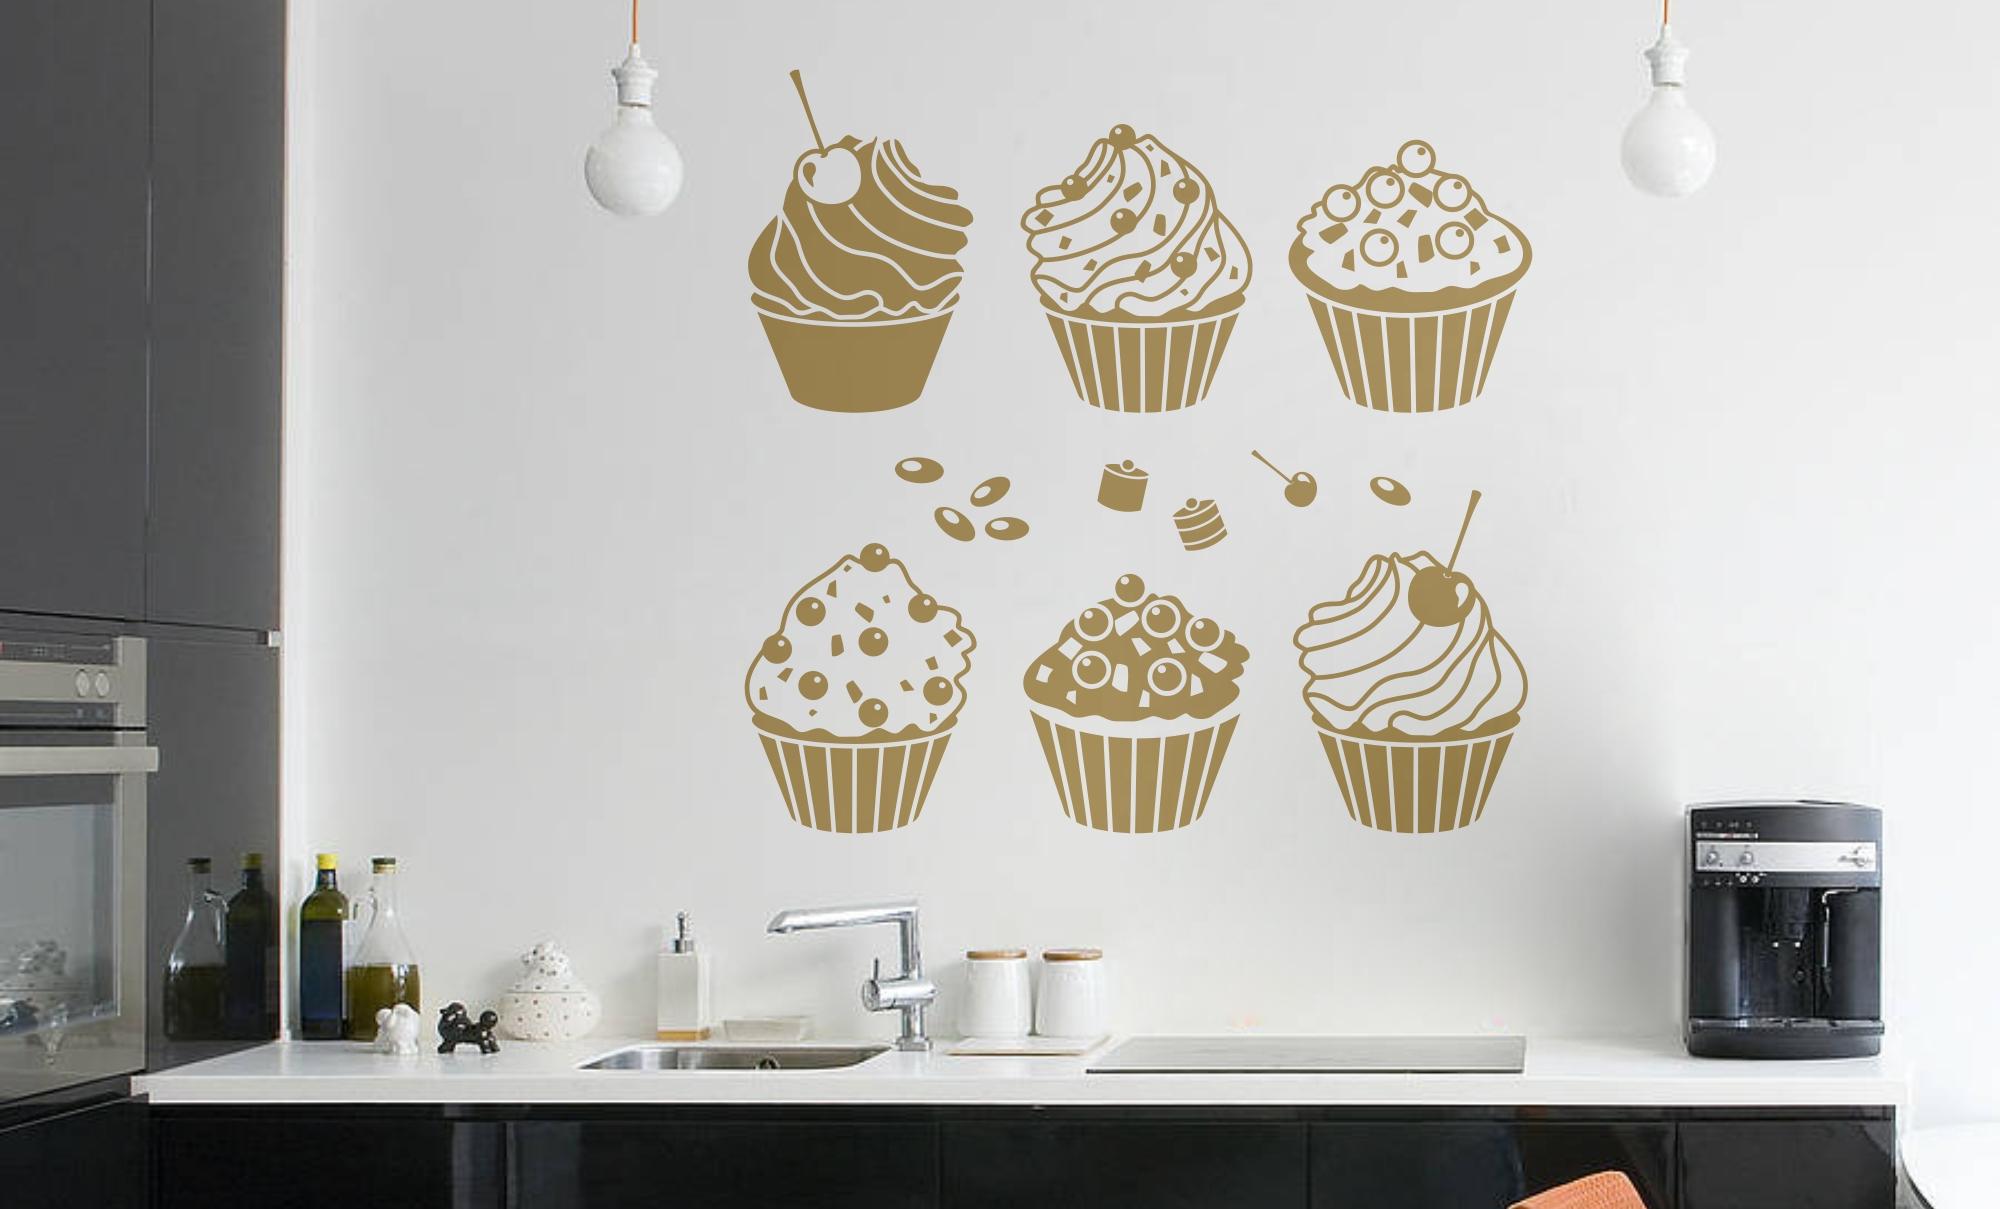 Decorar la cocina con vinilos decorativosBlog de Vinilos Decorativos